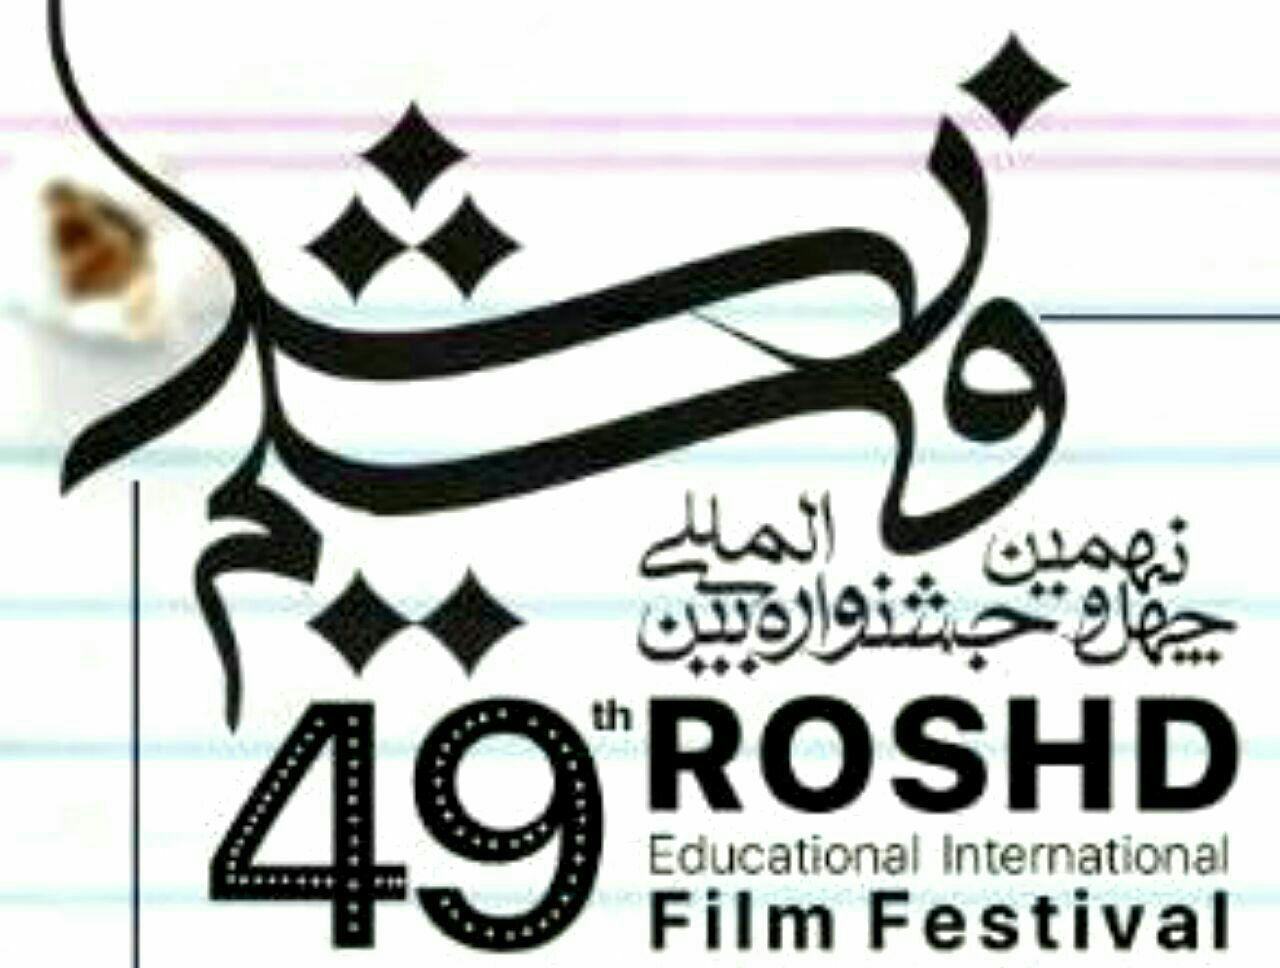 حضور ۱۴۲ فیلم از ایران و جهان در چهلونهمین جشنواره فیلم رشد